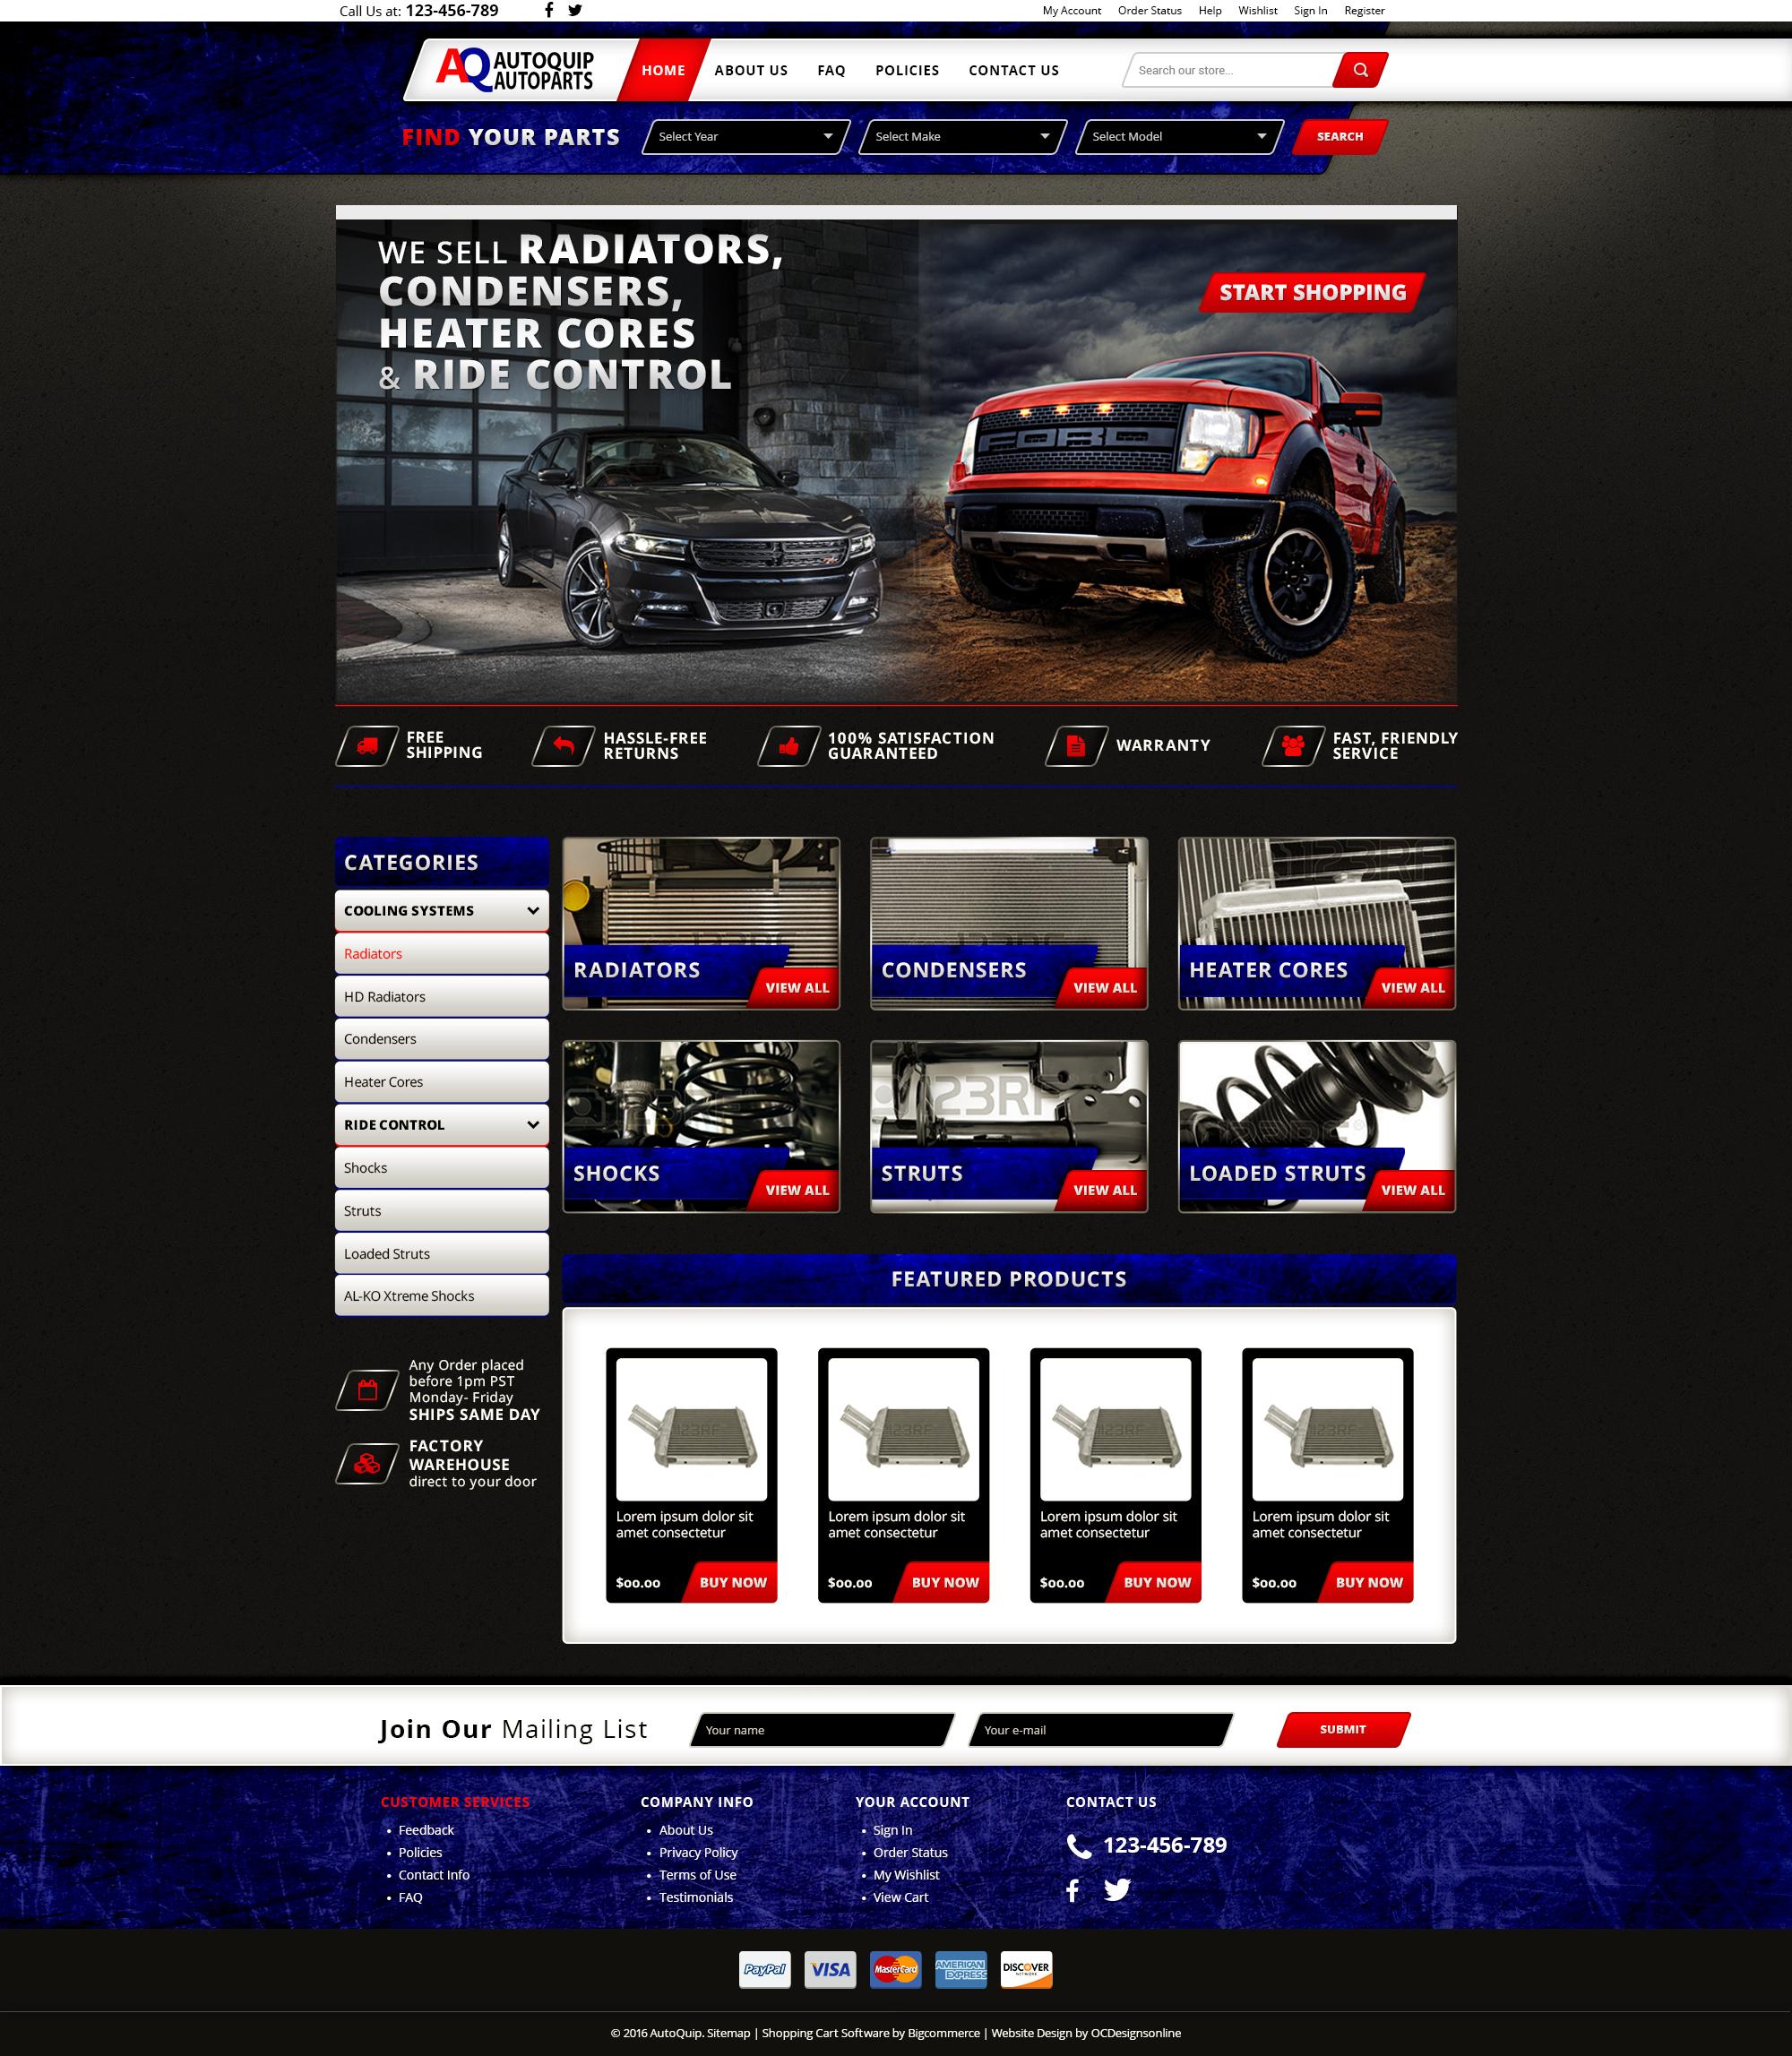 AutoQuip BigCommerce01